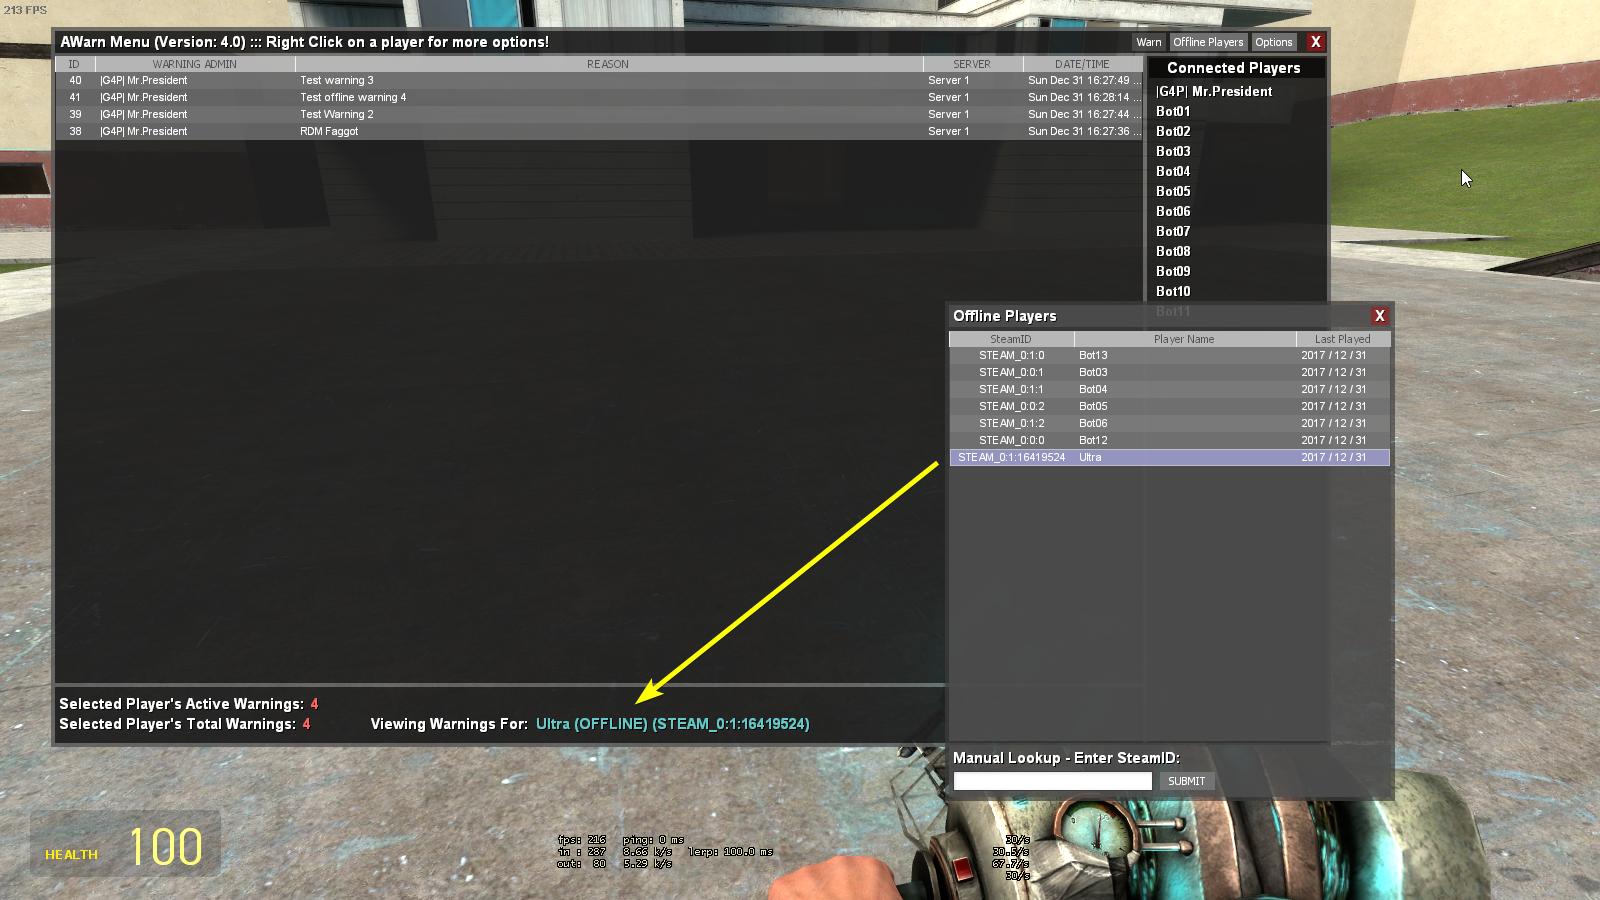 Awarn2 - Warning Module